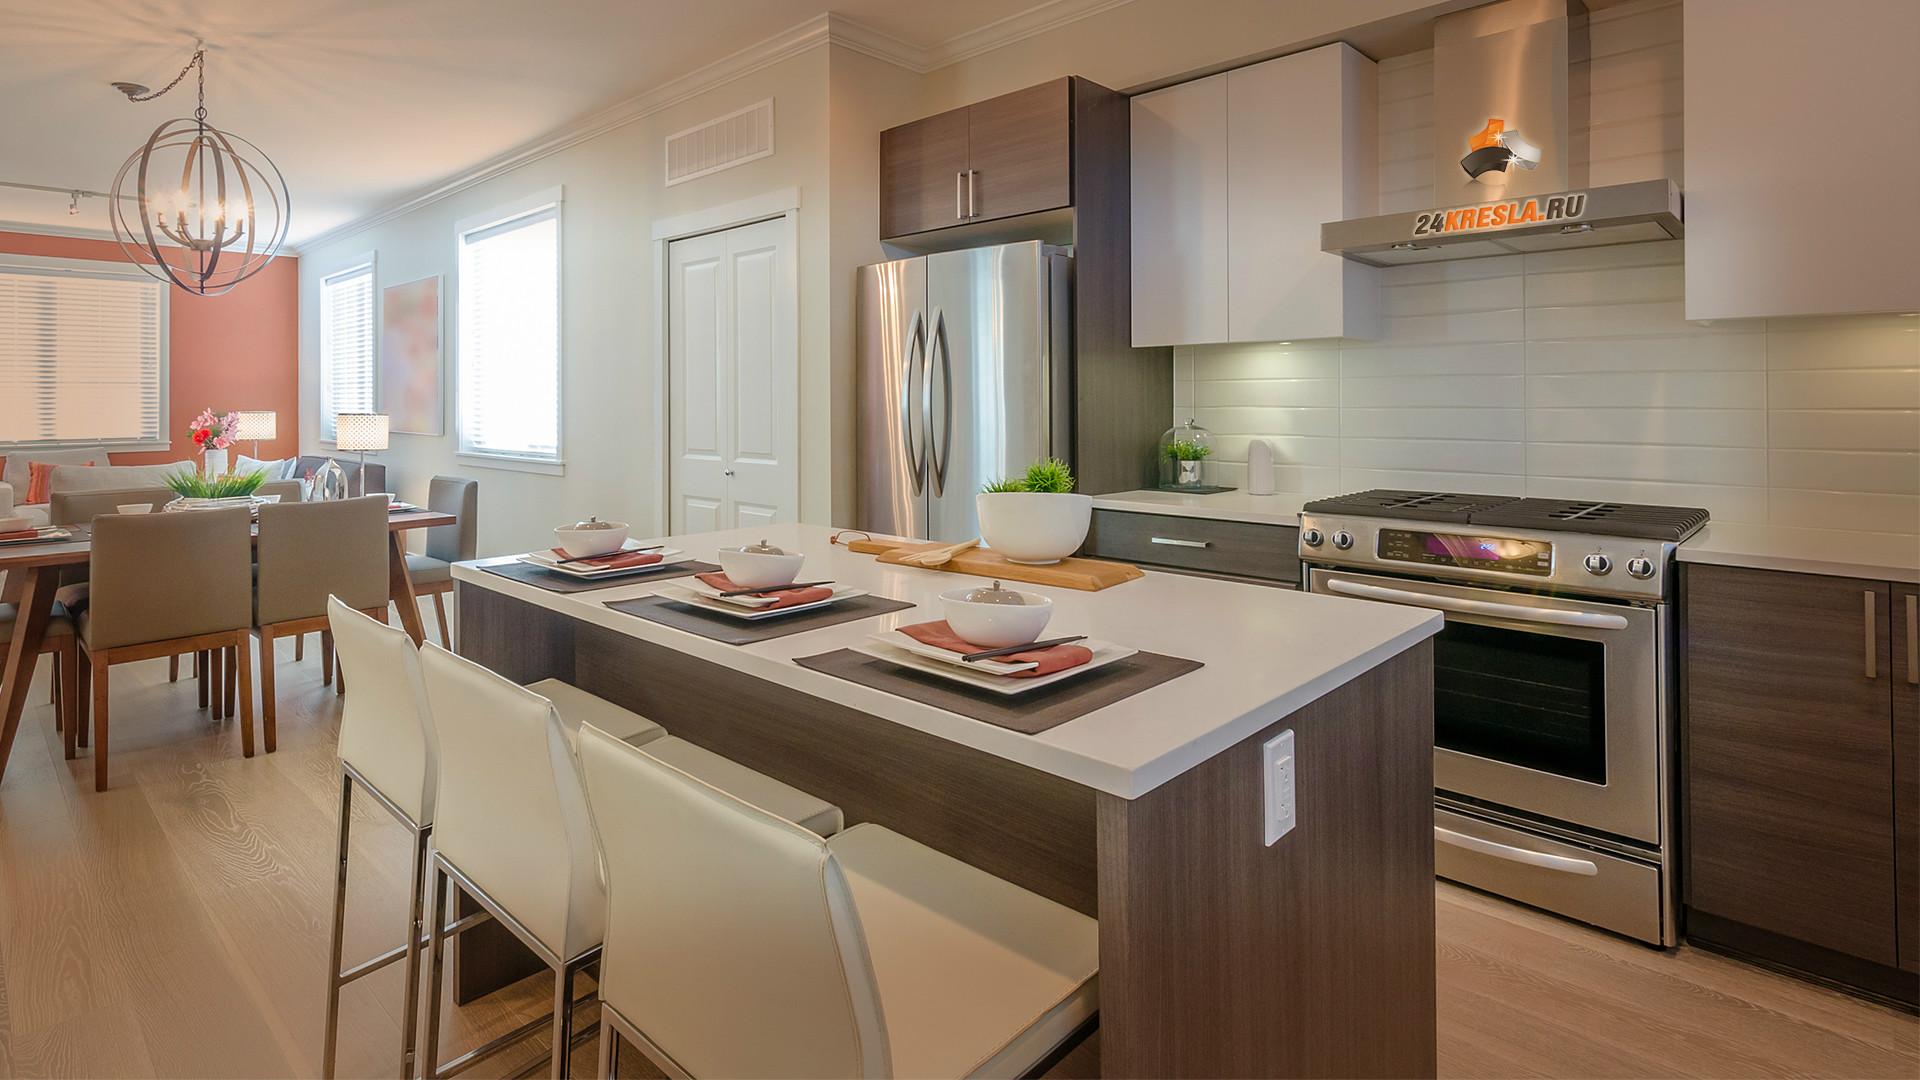 Белые барные стулья в интерьере кухни